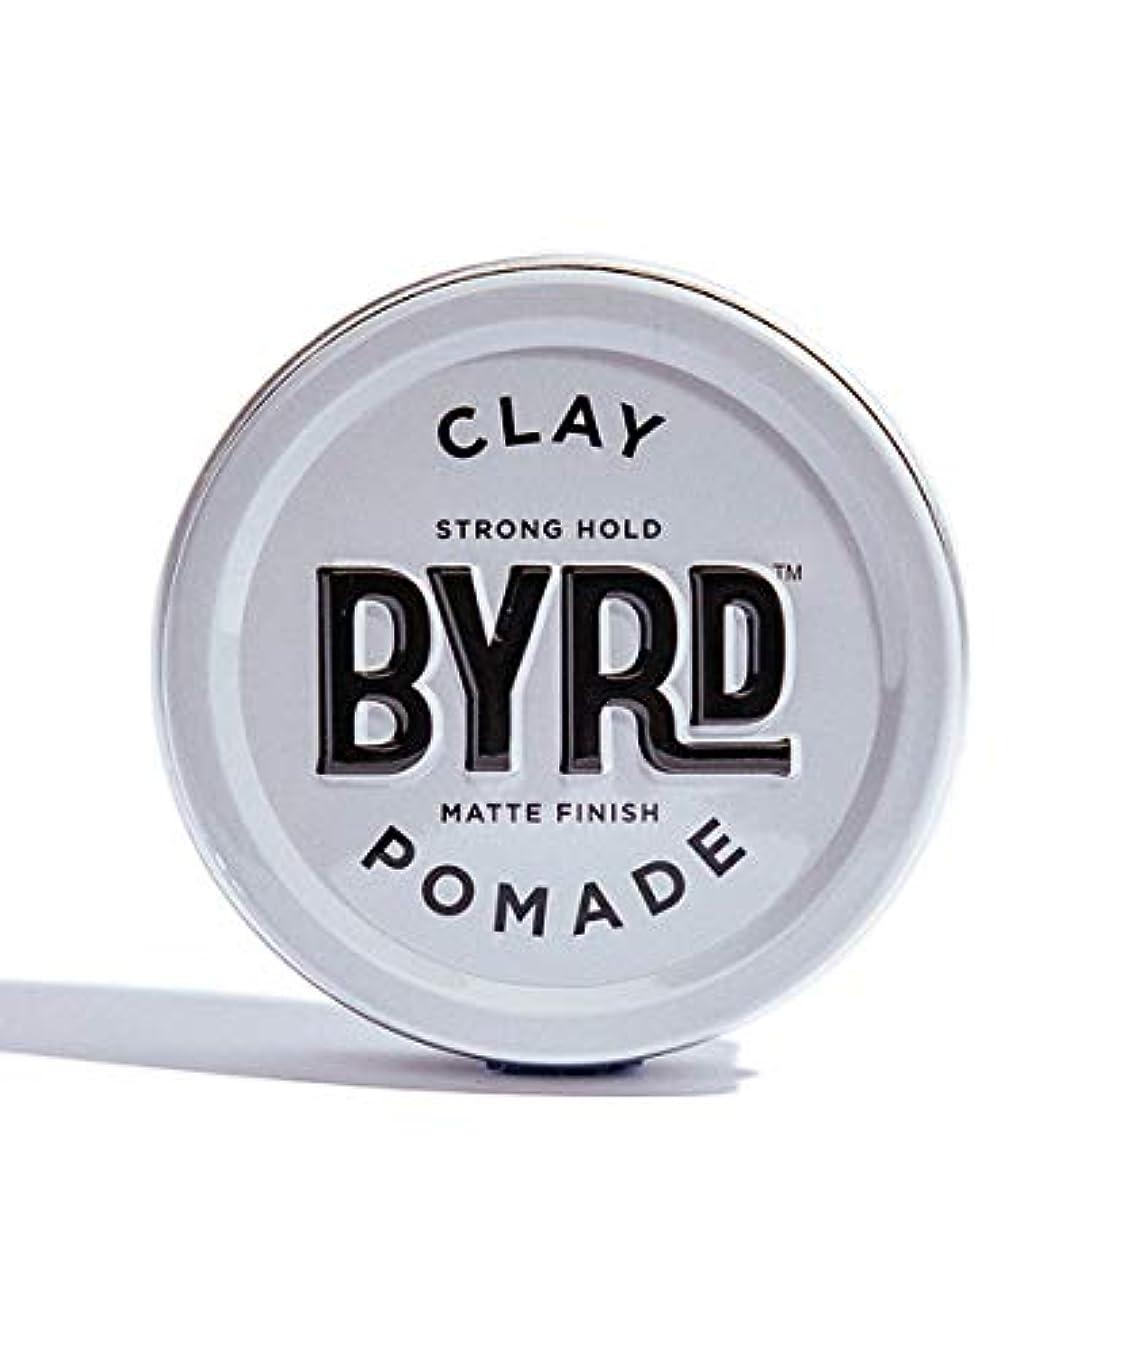 挨拶変装金銭的BYRD/クレイポマード 95g メンズコスメ ワックス ヘアスタイリング かっこいい モテ髪